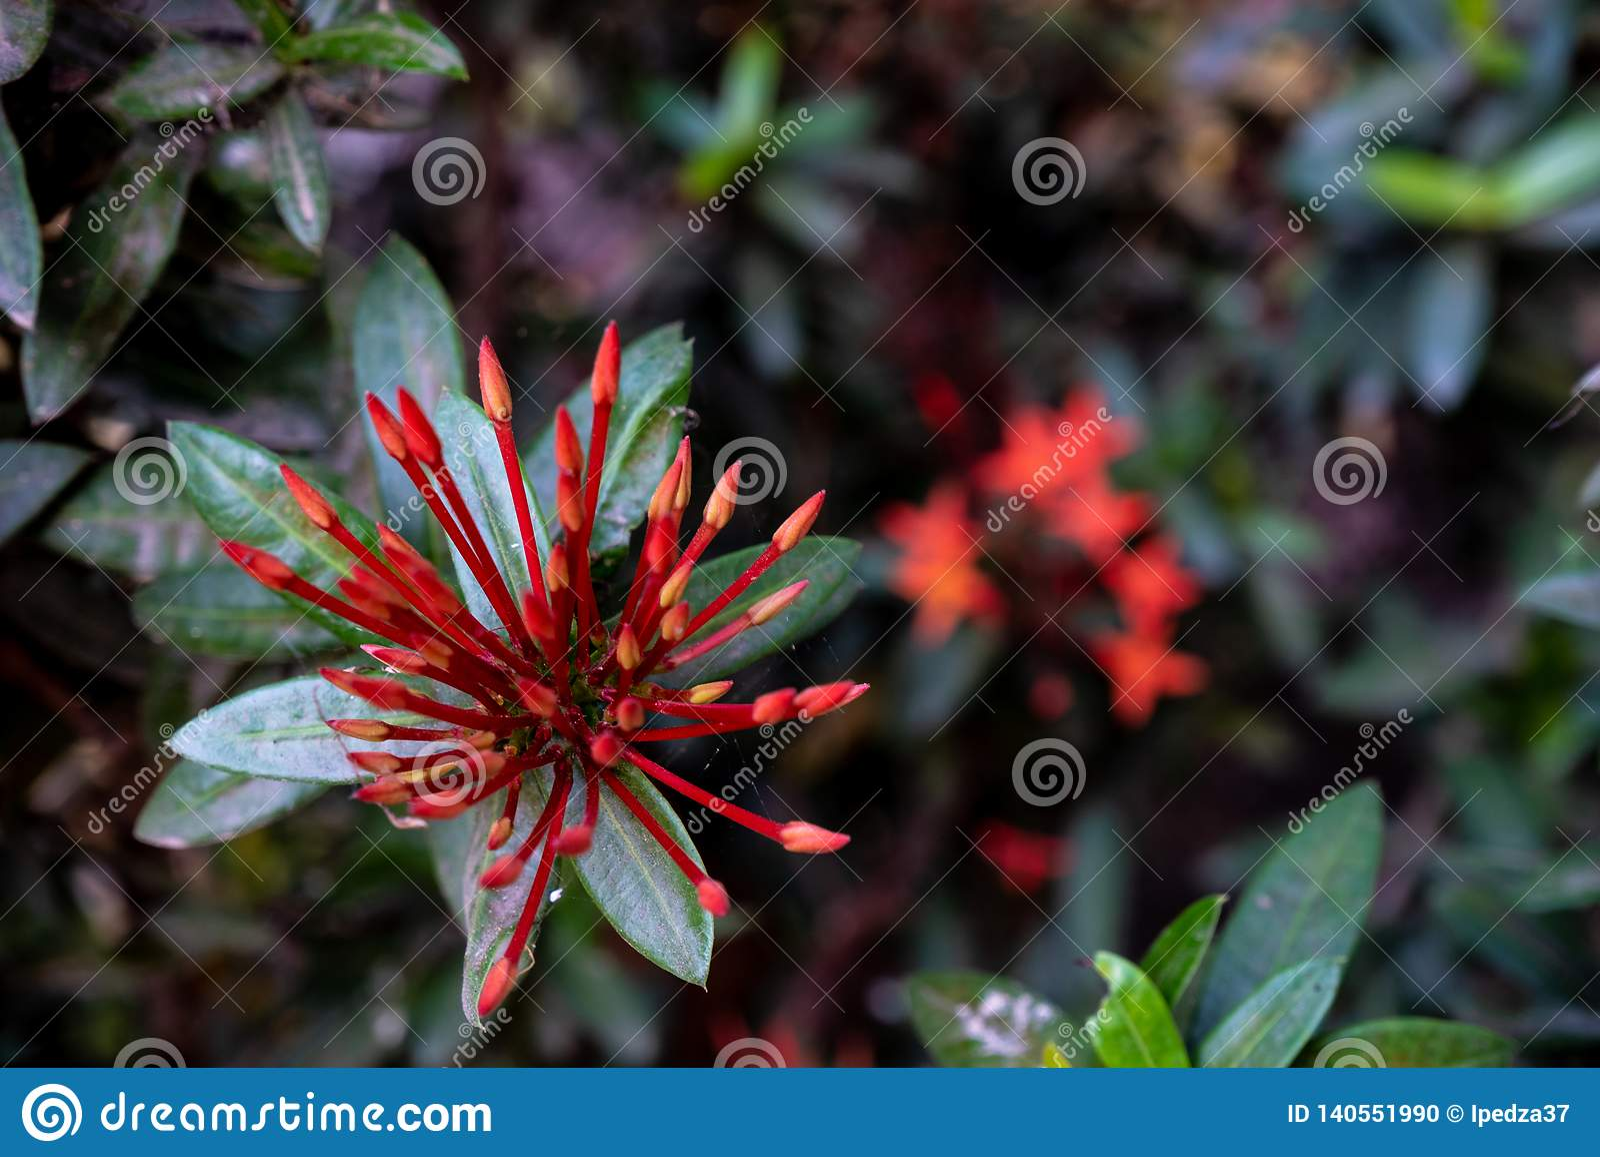 Inflorescencias rojas de la aguja en el jardín